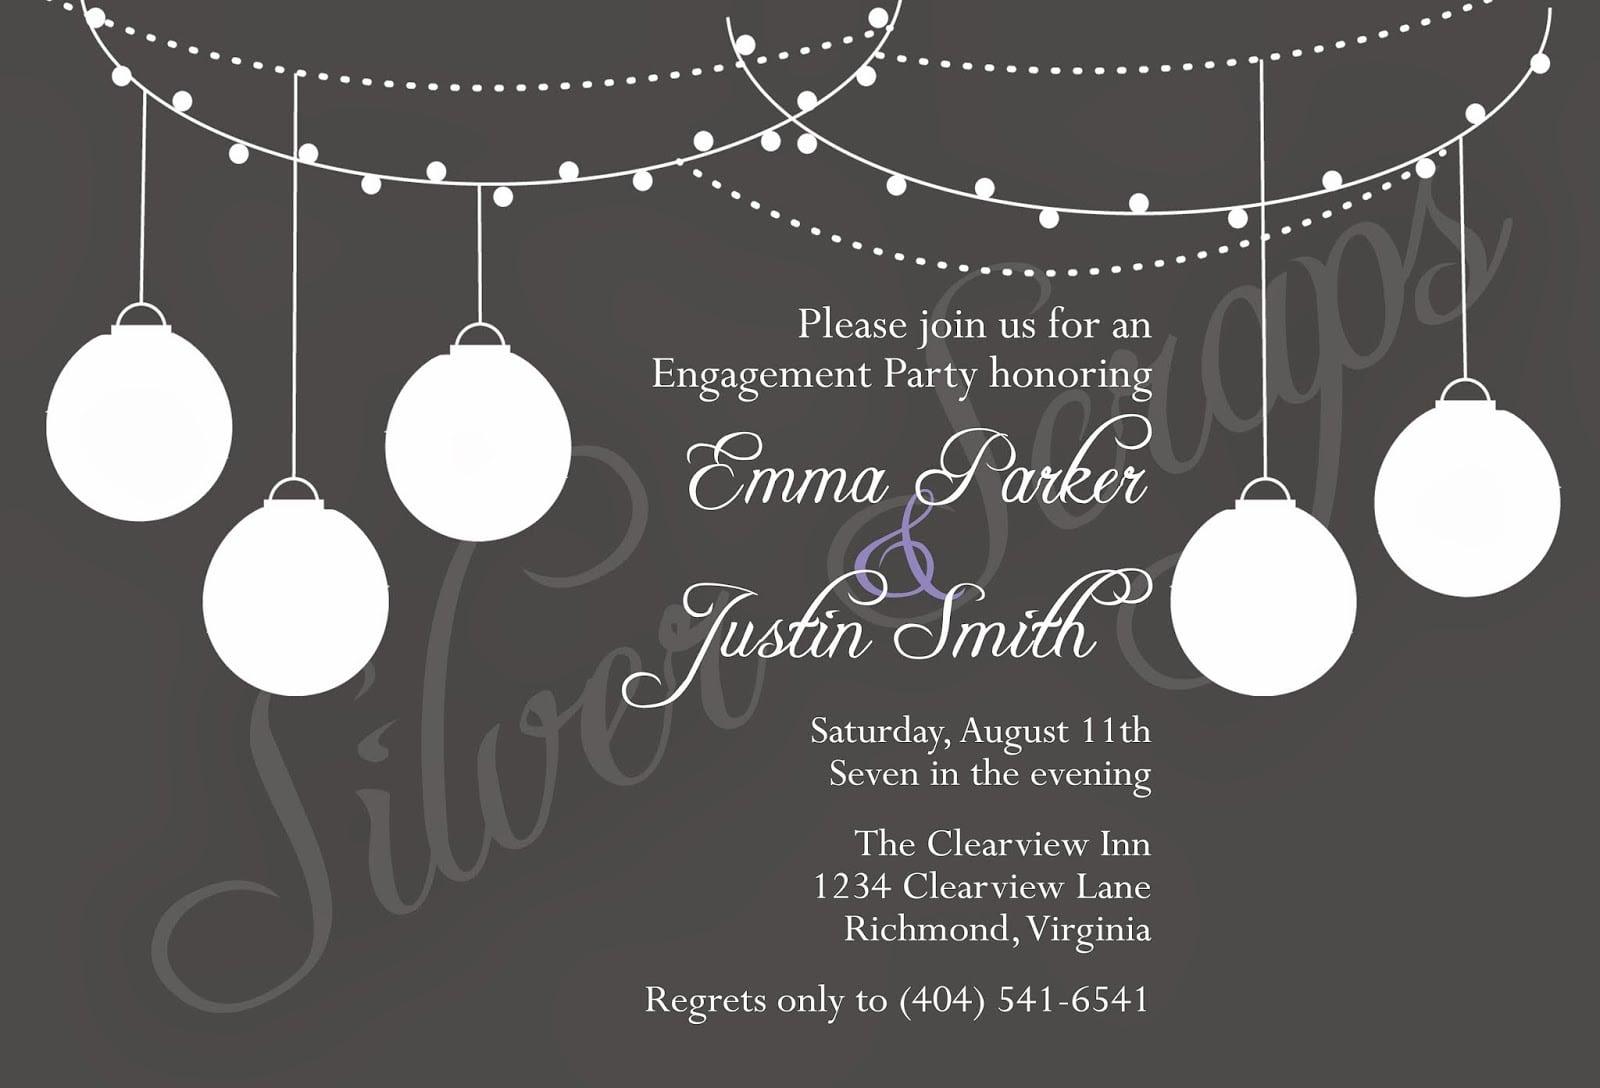 White Party Invites